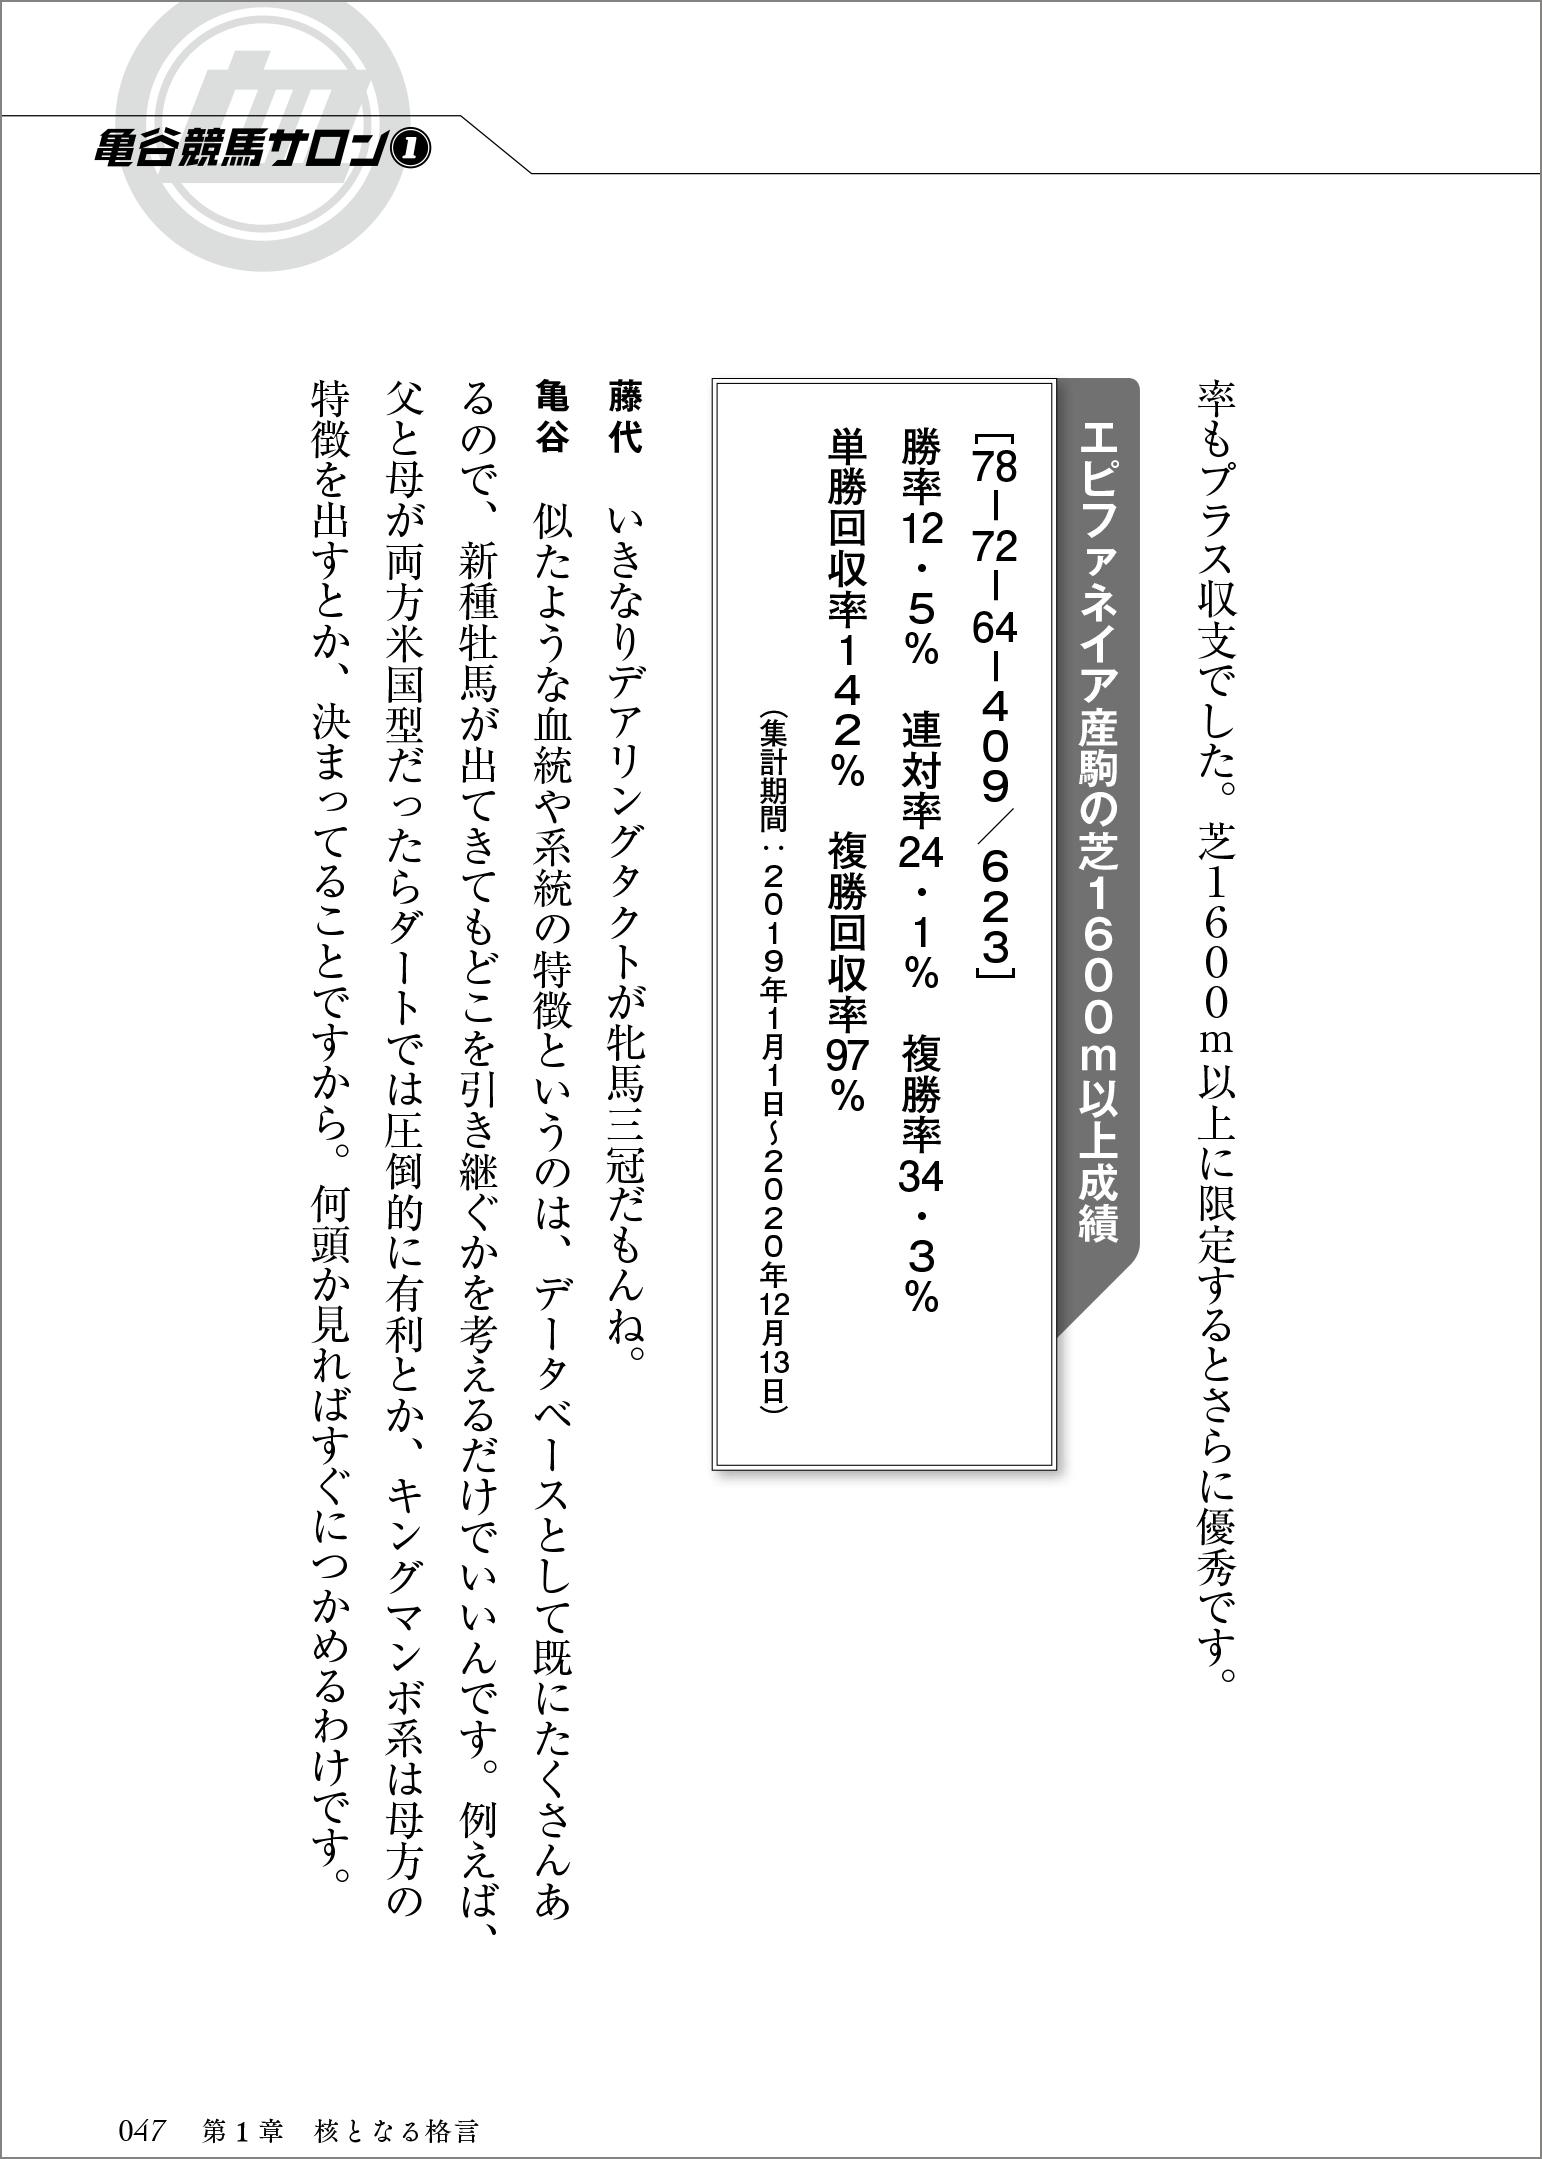 馬券格言_p.47